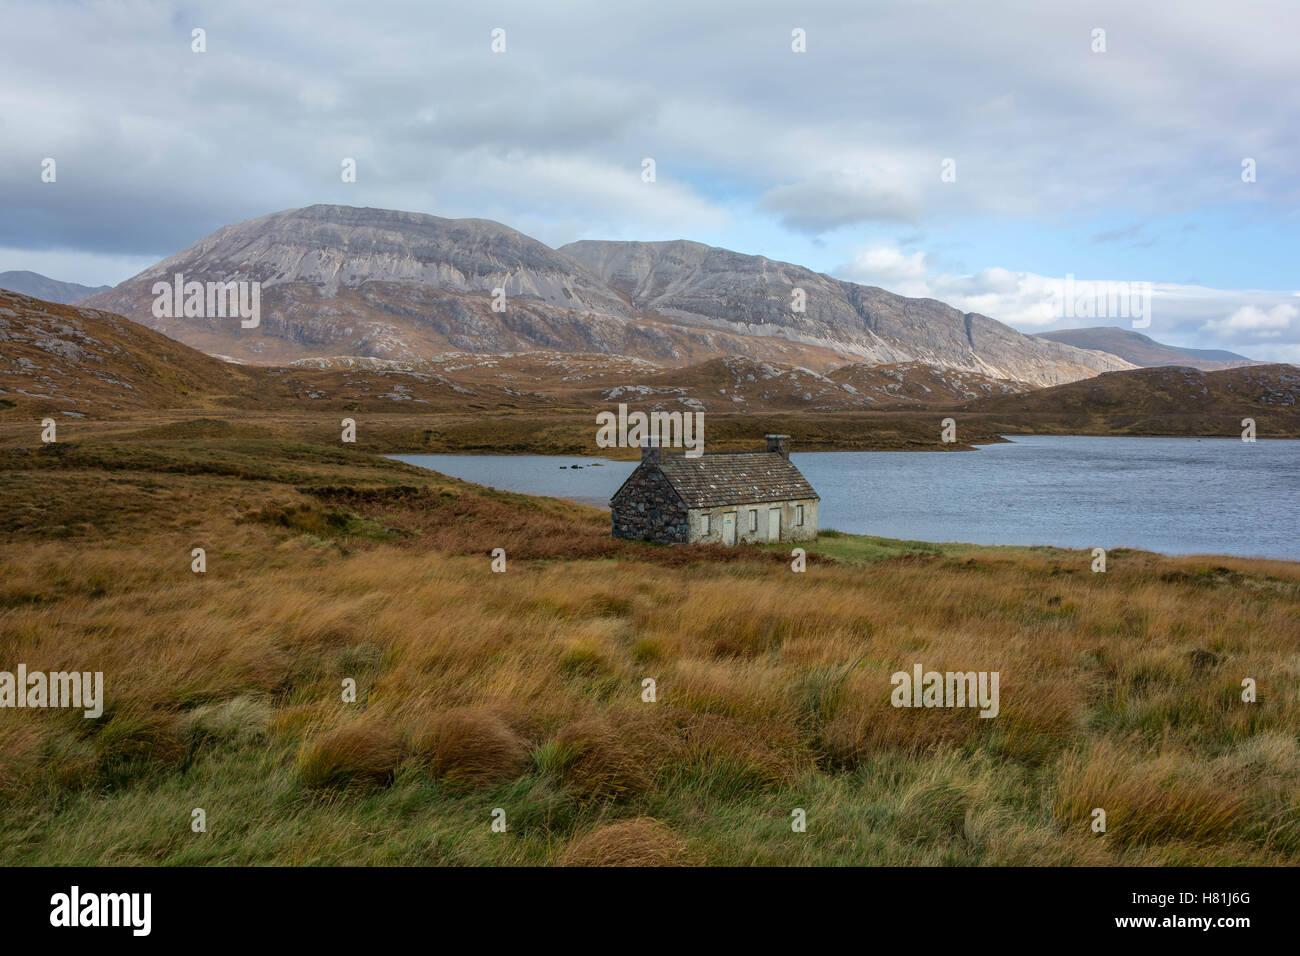 Loch stack et ben arkle, Sutherland, Scotland, united kingdom Photo Stock